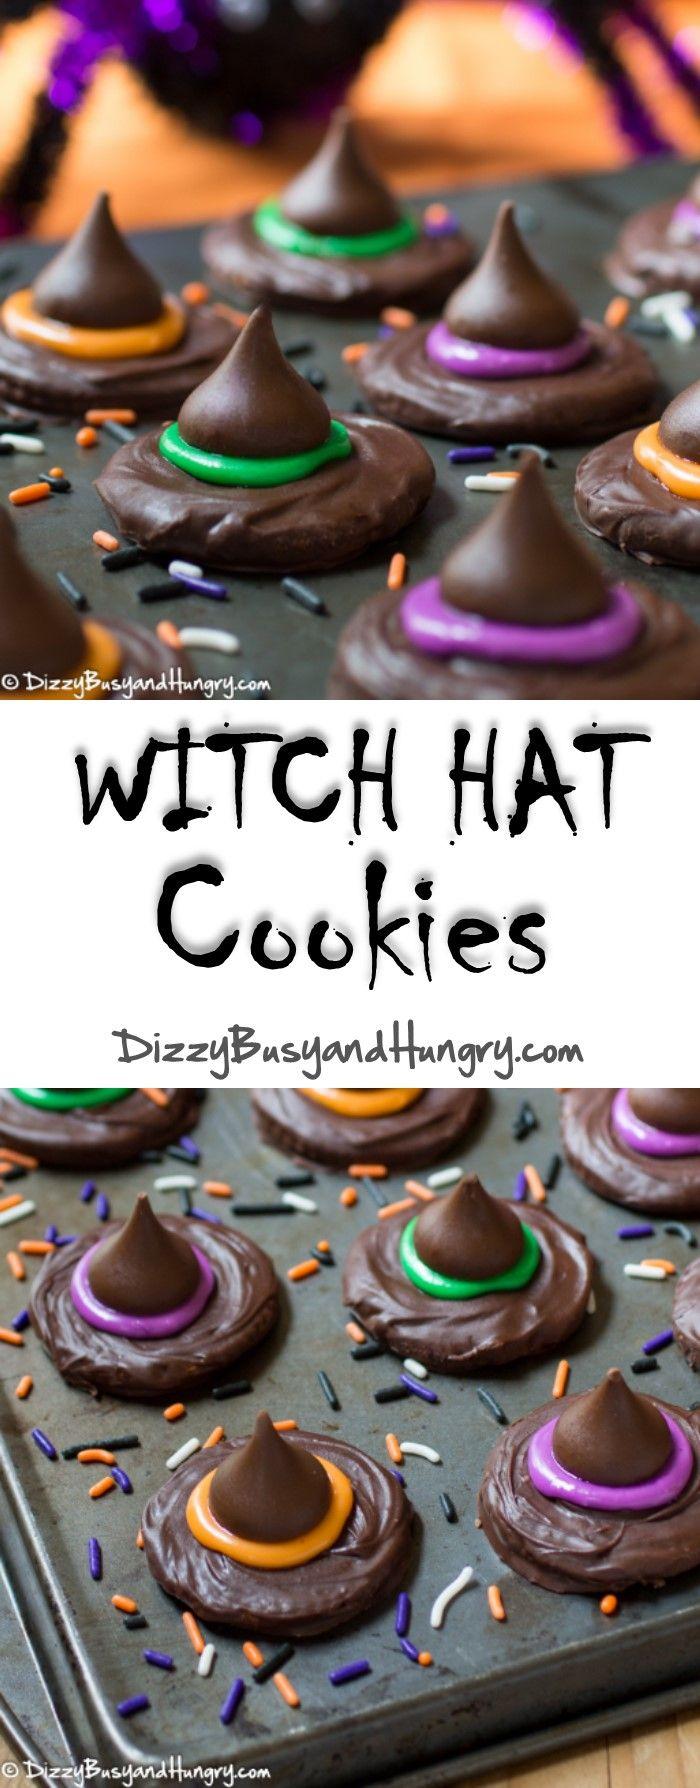 Best 25+ Halloween baking ideas on Pinterest | Halloween treats ...